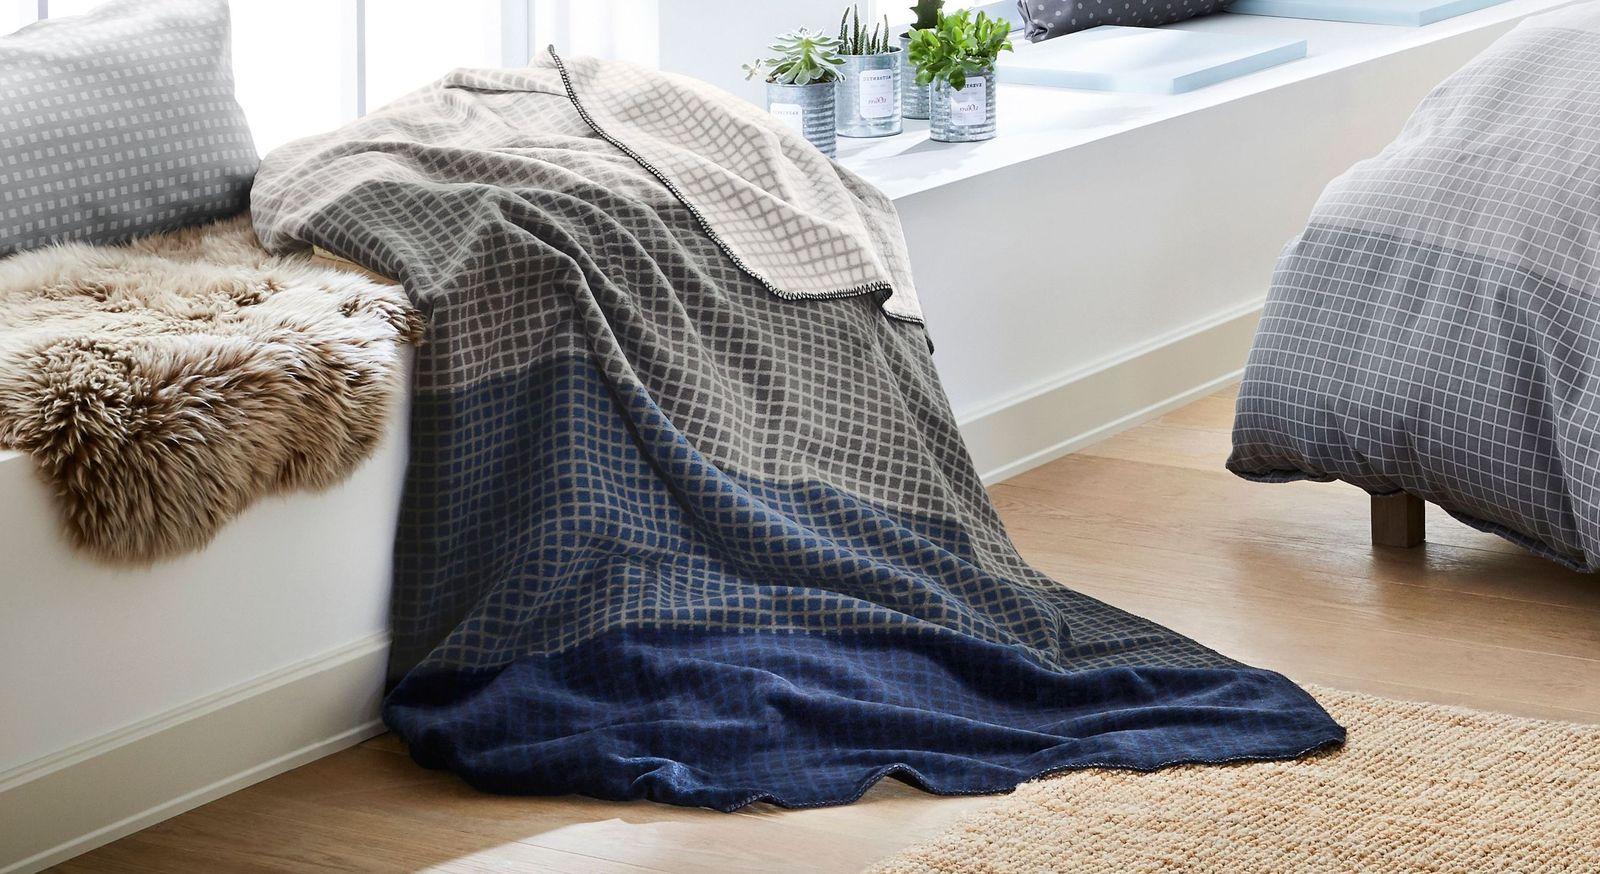 Modische Kuscheldecke Streifen nachtblau-grau der Marke s.Oliver